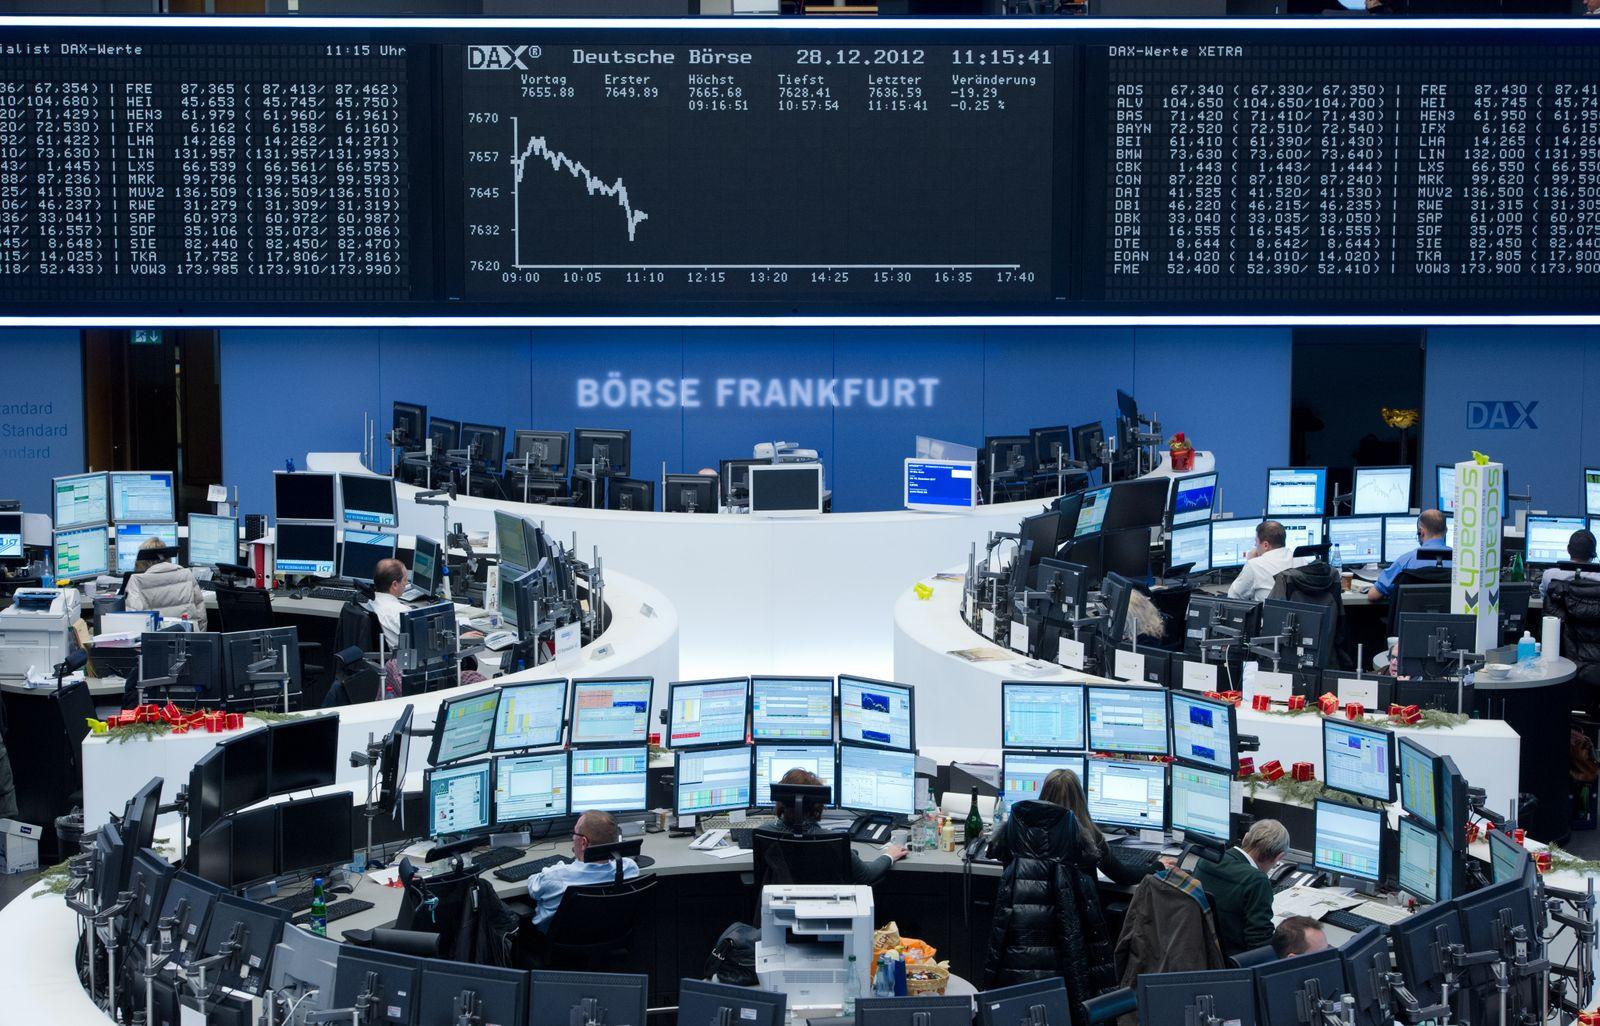 Letzter Handelstag an der Börse